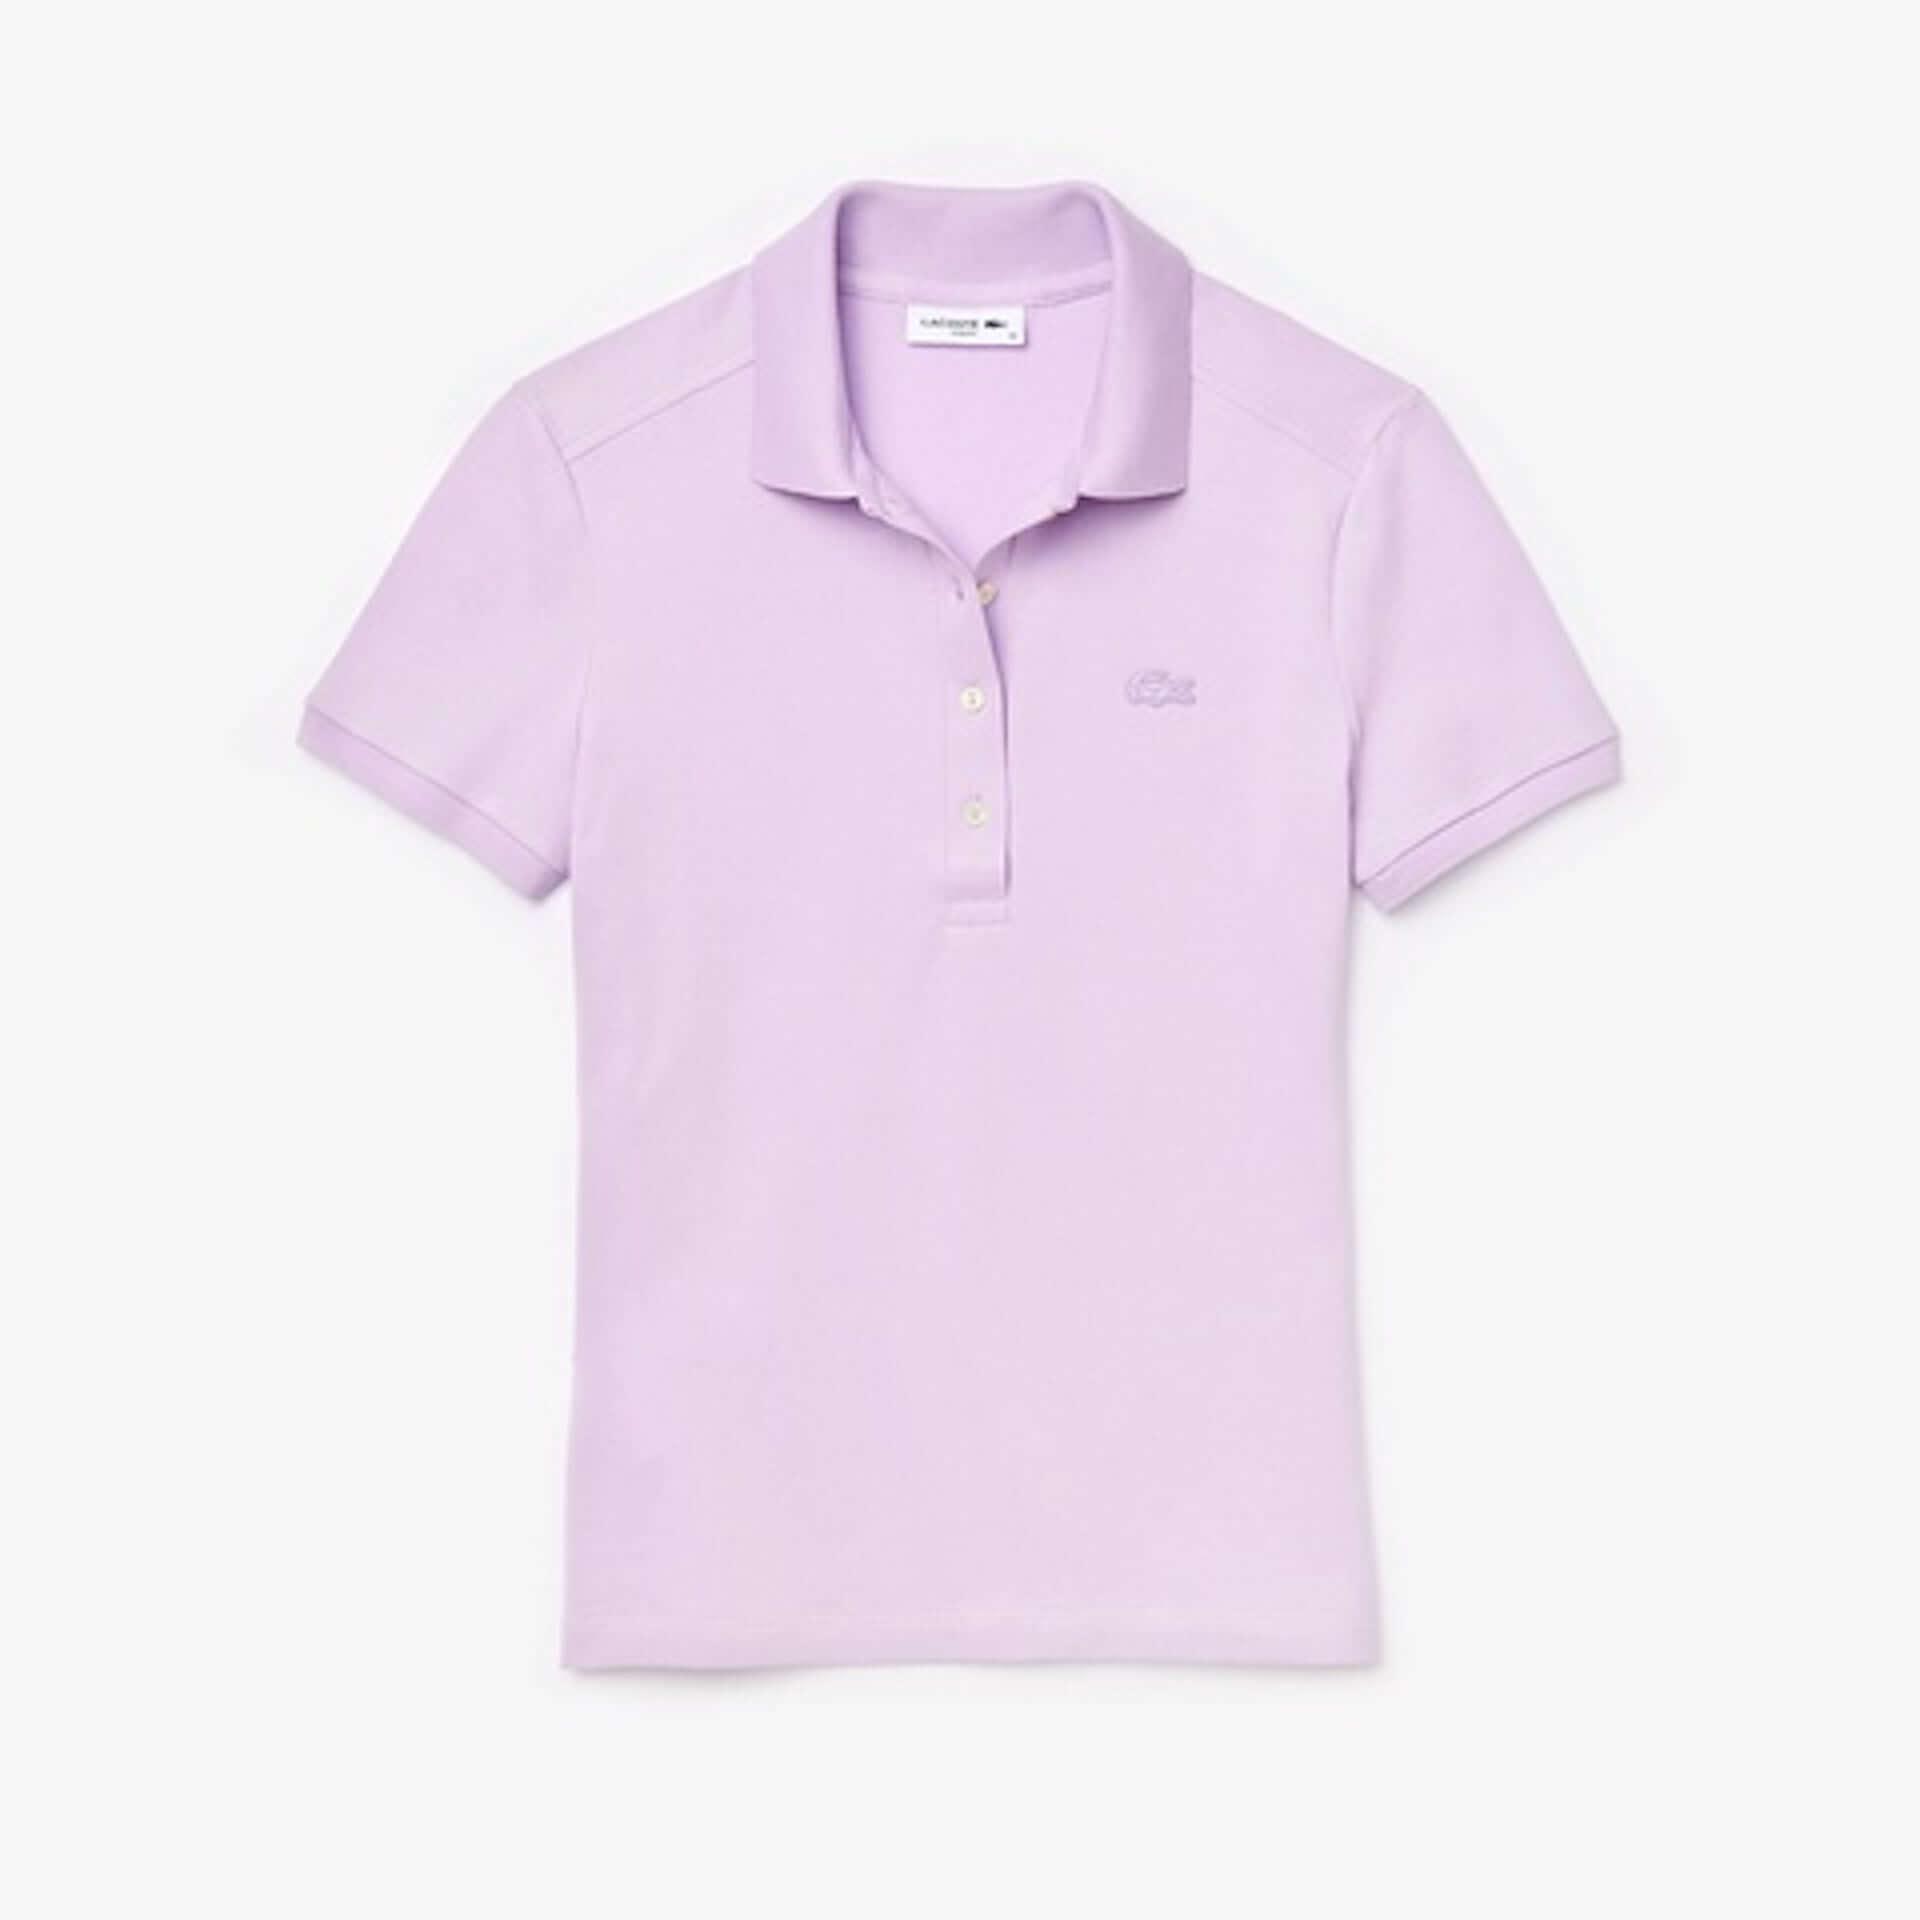 ラコステから春夏シーズンカラーの新作ポロシャツが登場!定番のワニロゴポロシャツやポロドレスも lf200519_lacoste_12-1920x1920